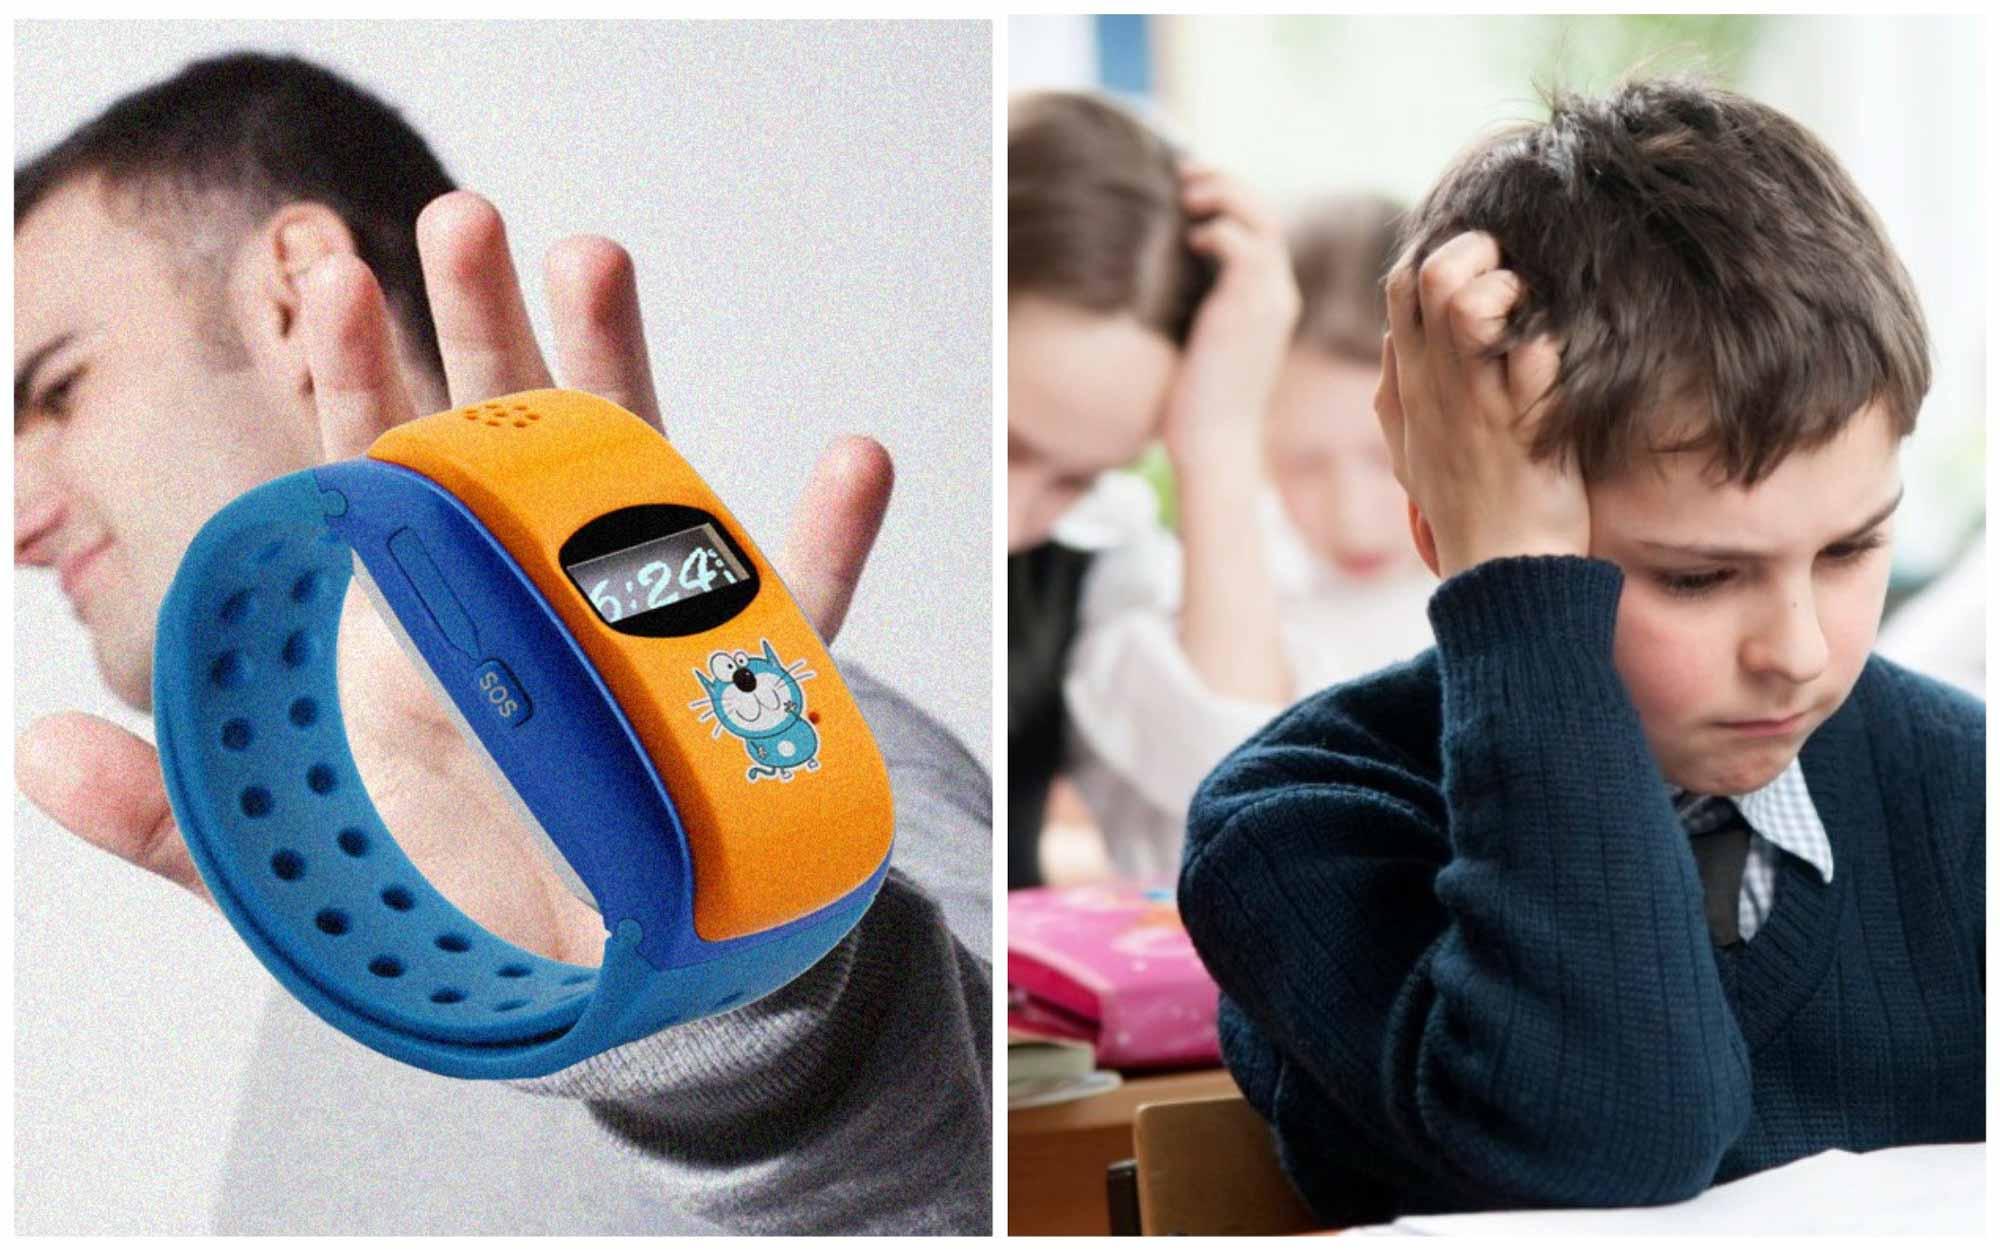 Врачи рекомендуют запретить умные браслеты для студентов